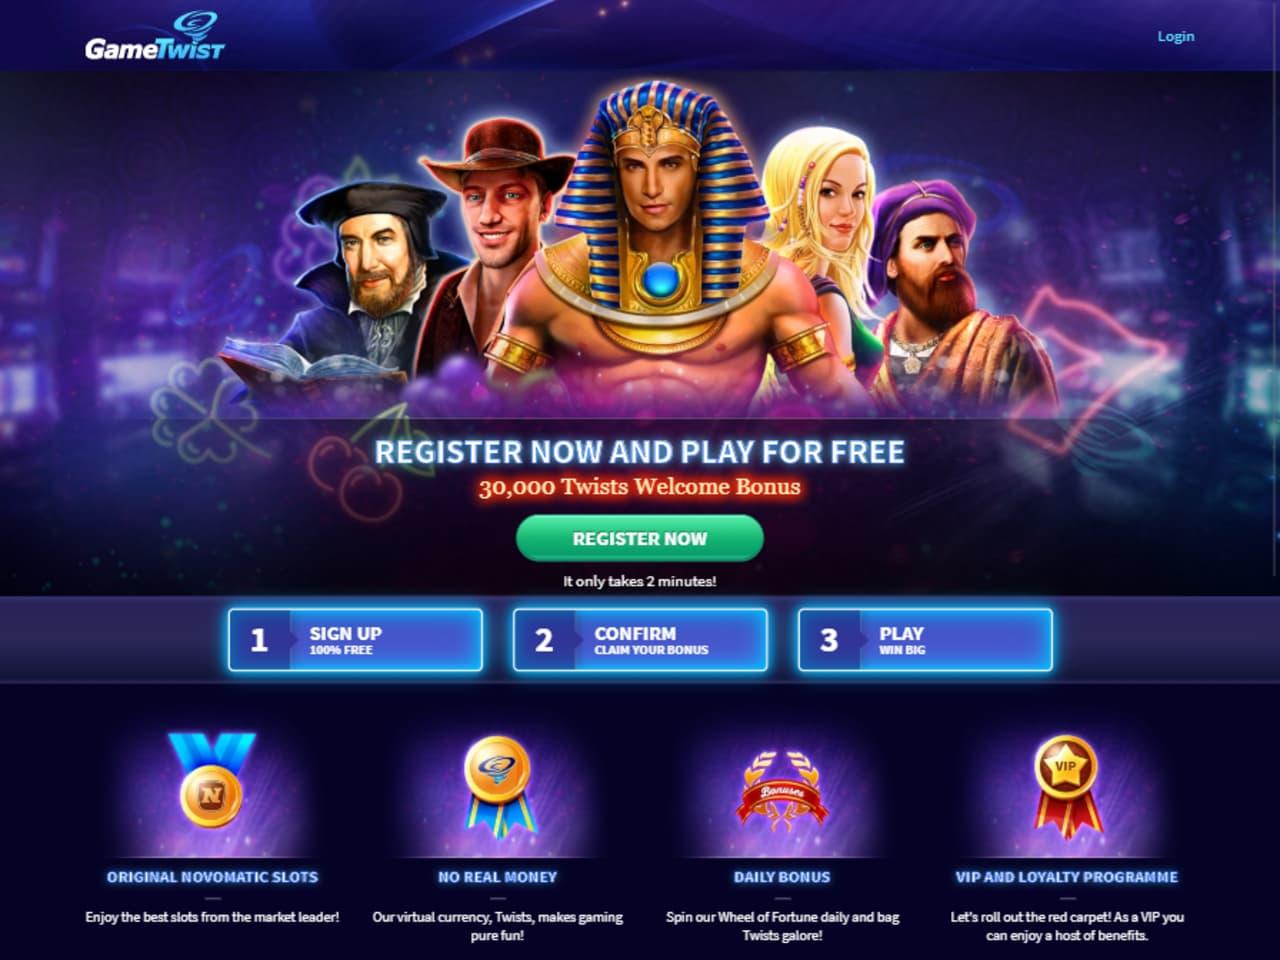 Social Casino Marketing Website